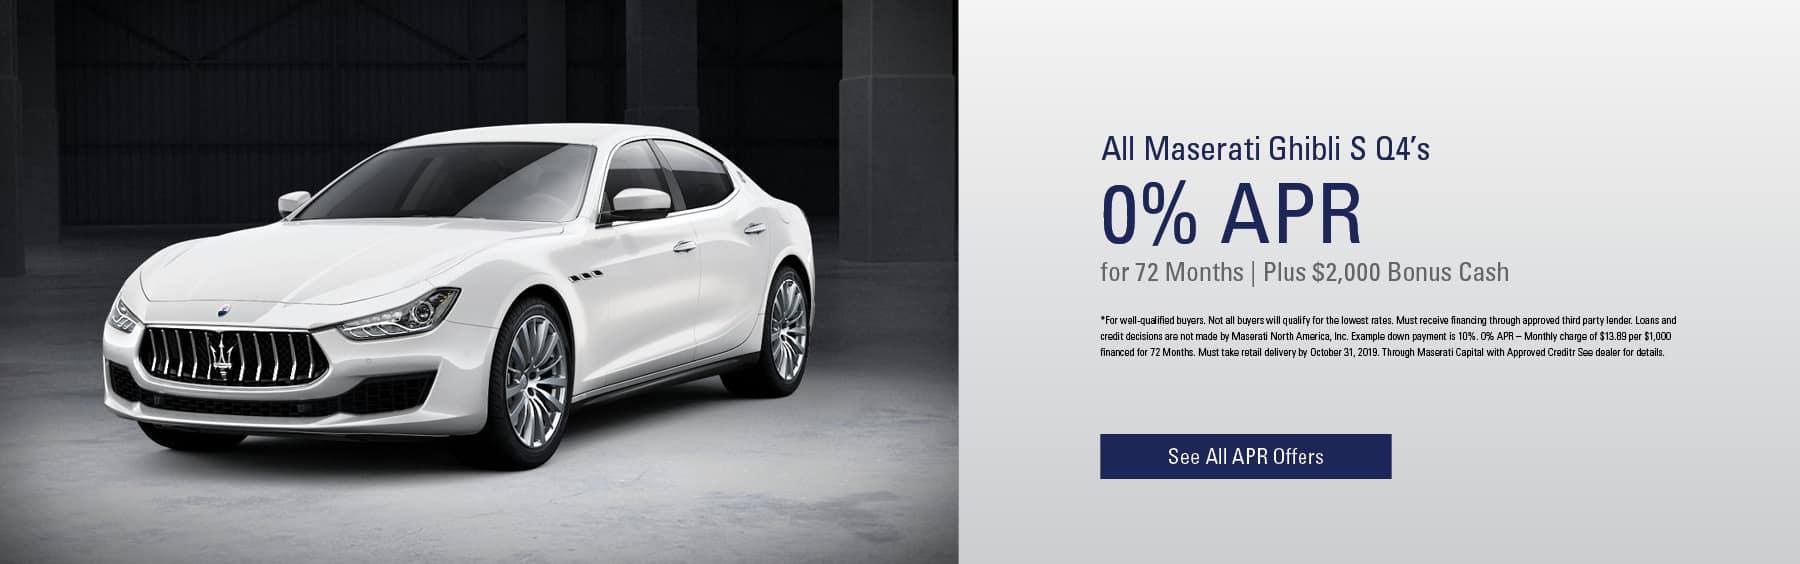 All Maserati Ghibli S Q4's 0% APR/ 72 months